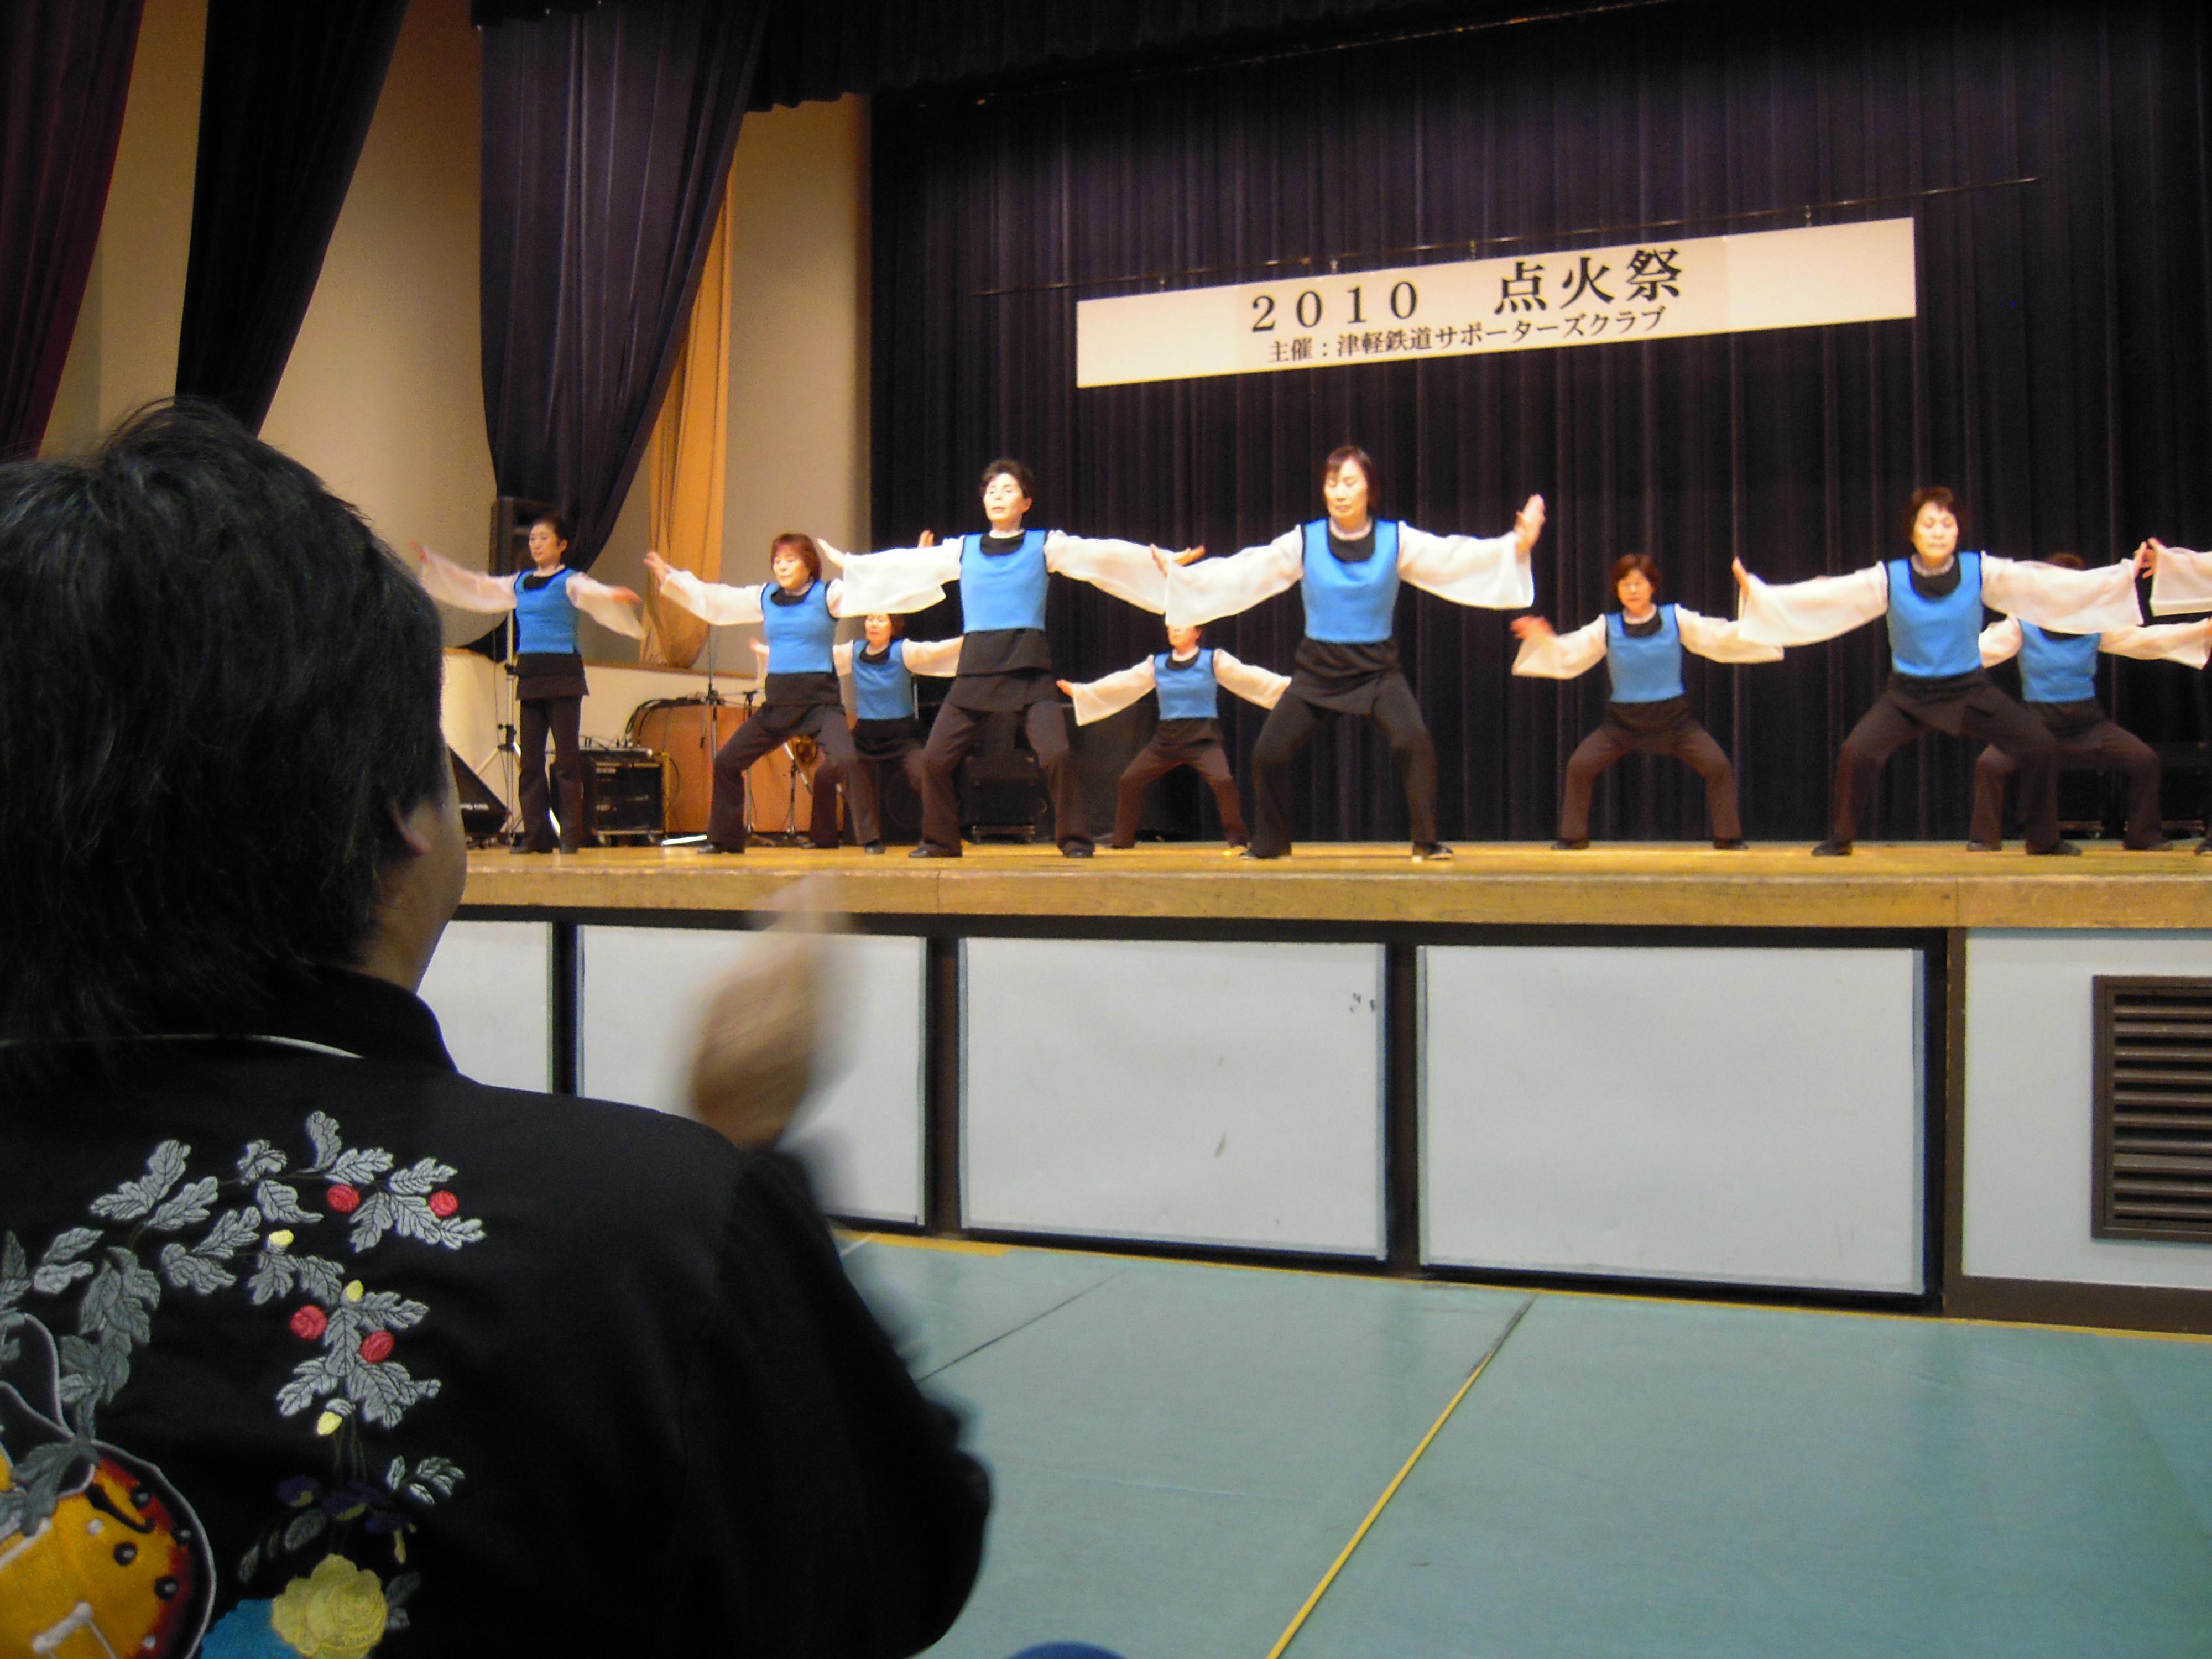 「津軽鉄道各驛停車」でダンス!エアロビクス風の激しい振り付けでした。